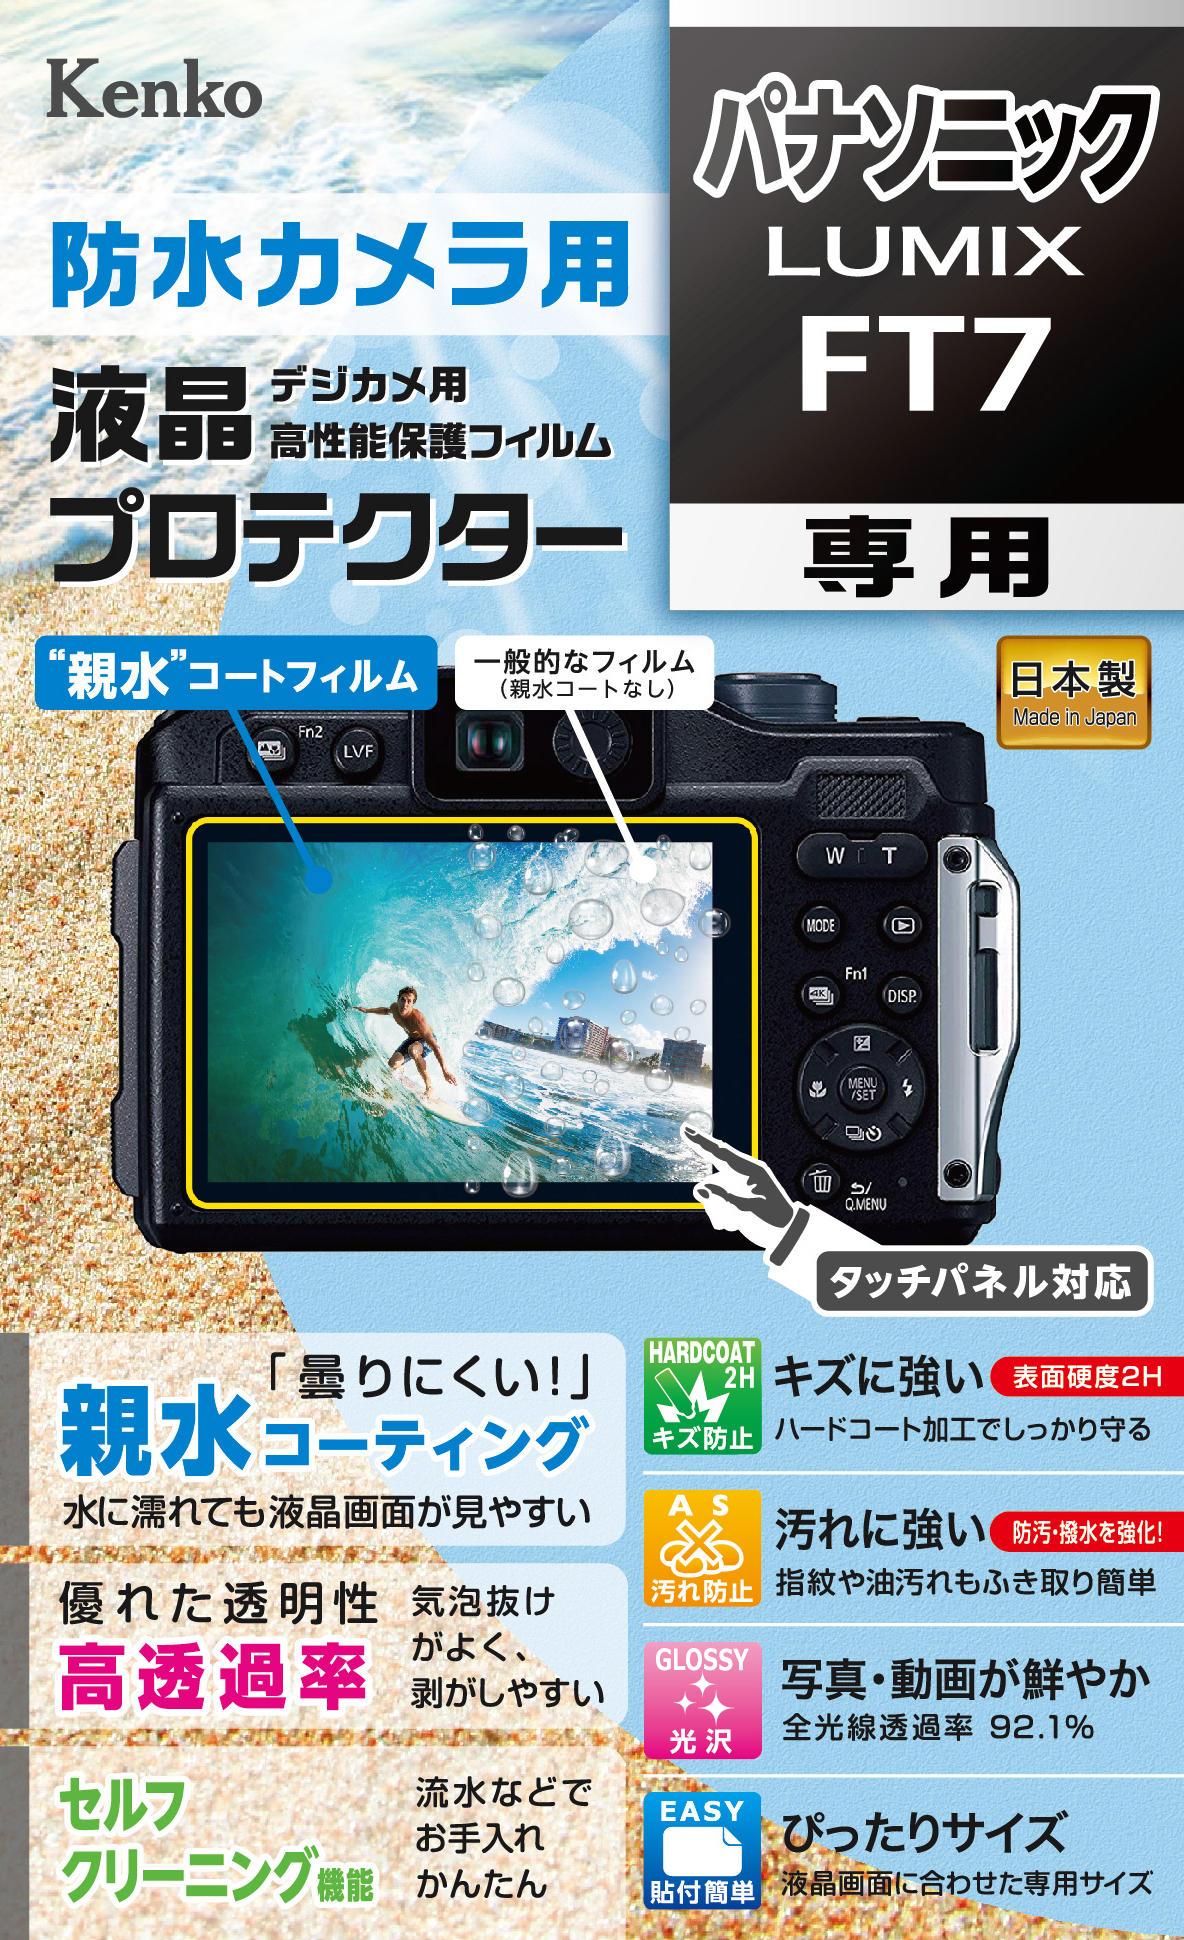 https://www.kenko-tokina.co.jp/imaging/eq/mt-images/4961607072622.jpg